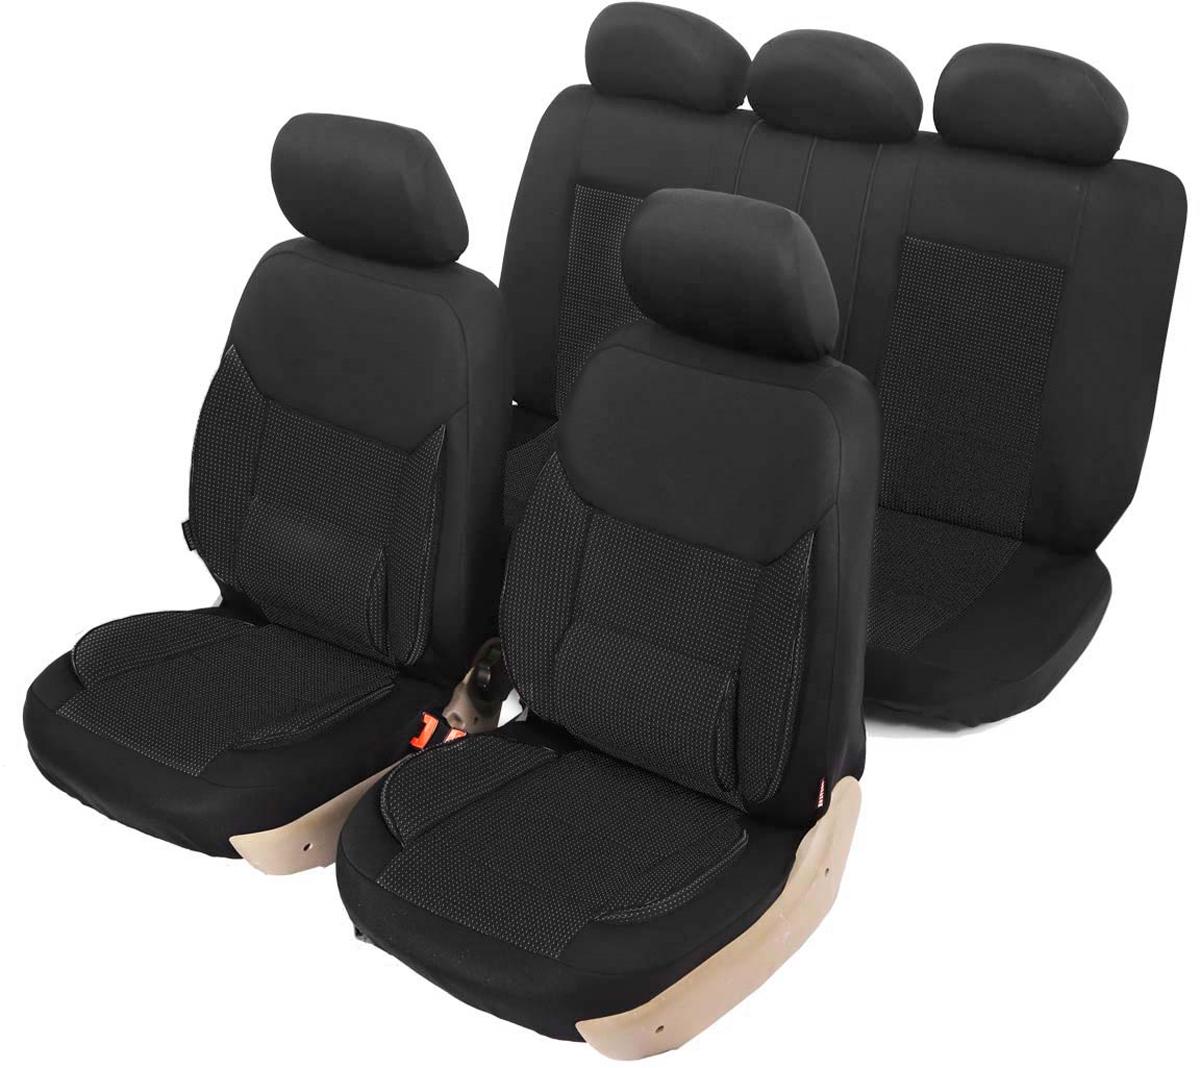 """Чехлы автомобильные универсальные Senator """"California"""", с ортопедической поддержкой, цвет: черный, 11 предметов. Размер M"""